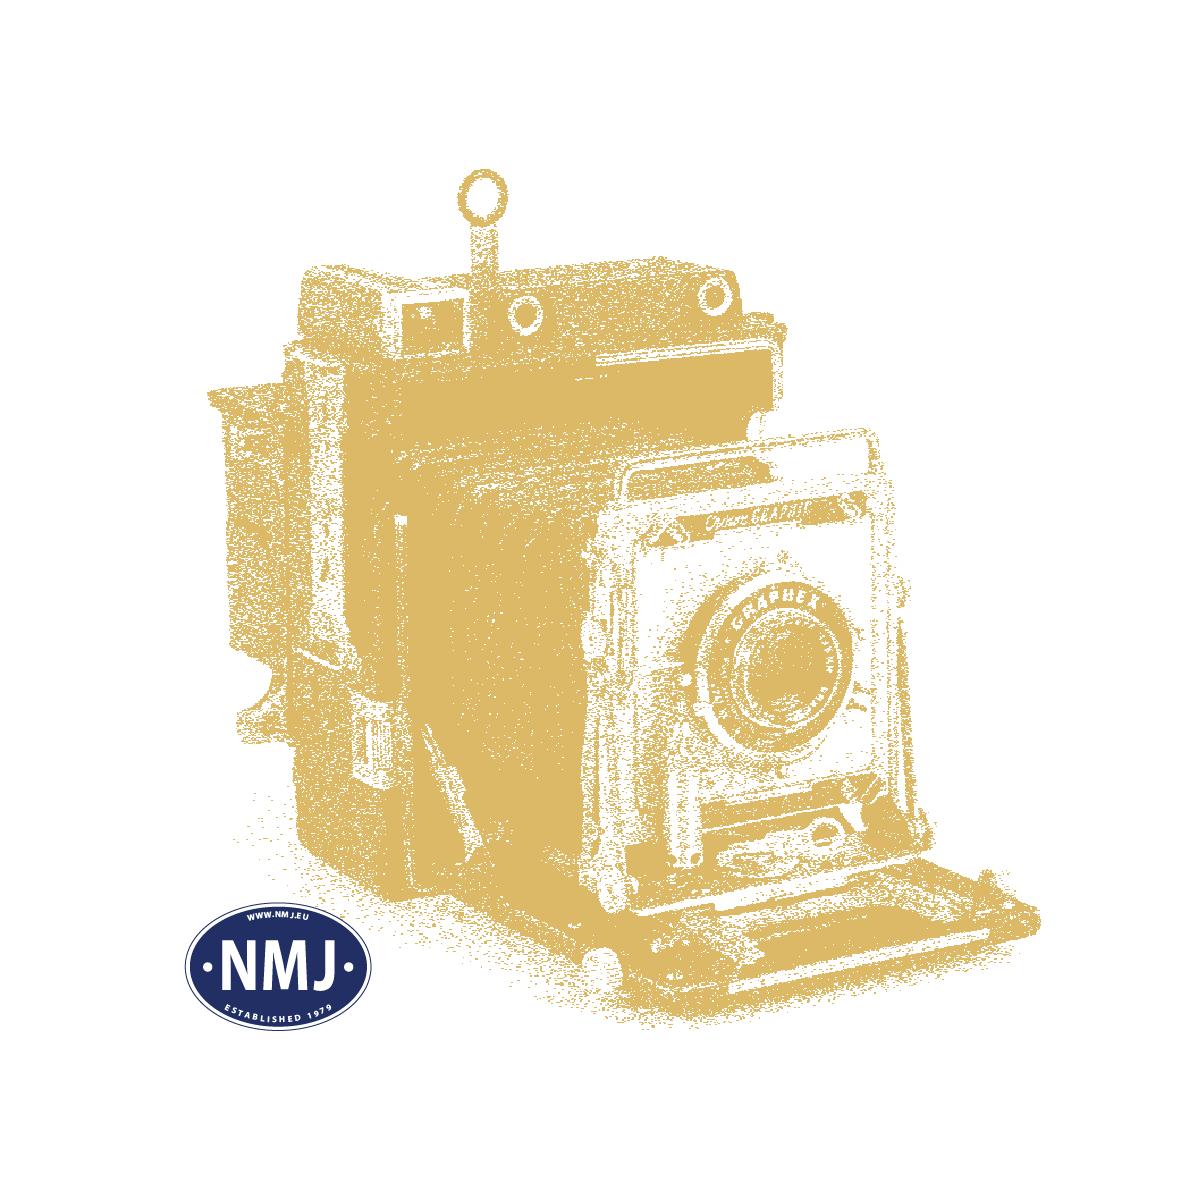 ZIMMX617 - MX617 Liten Dekoder, DCC/MM, 0,8 A, 9 Ledninger